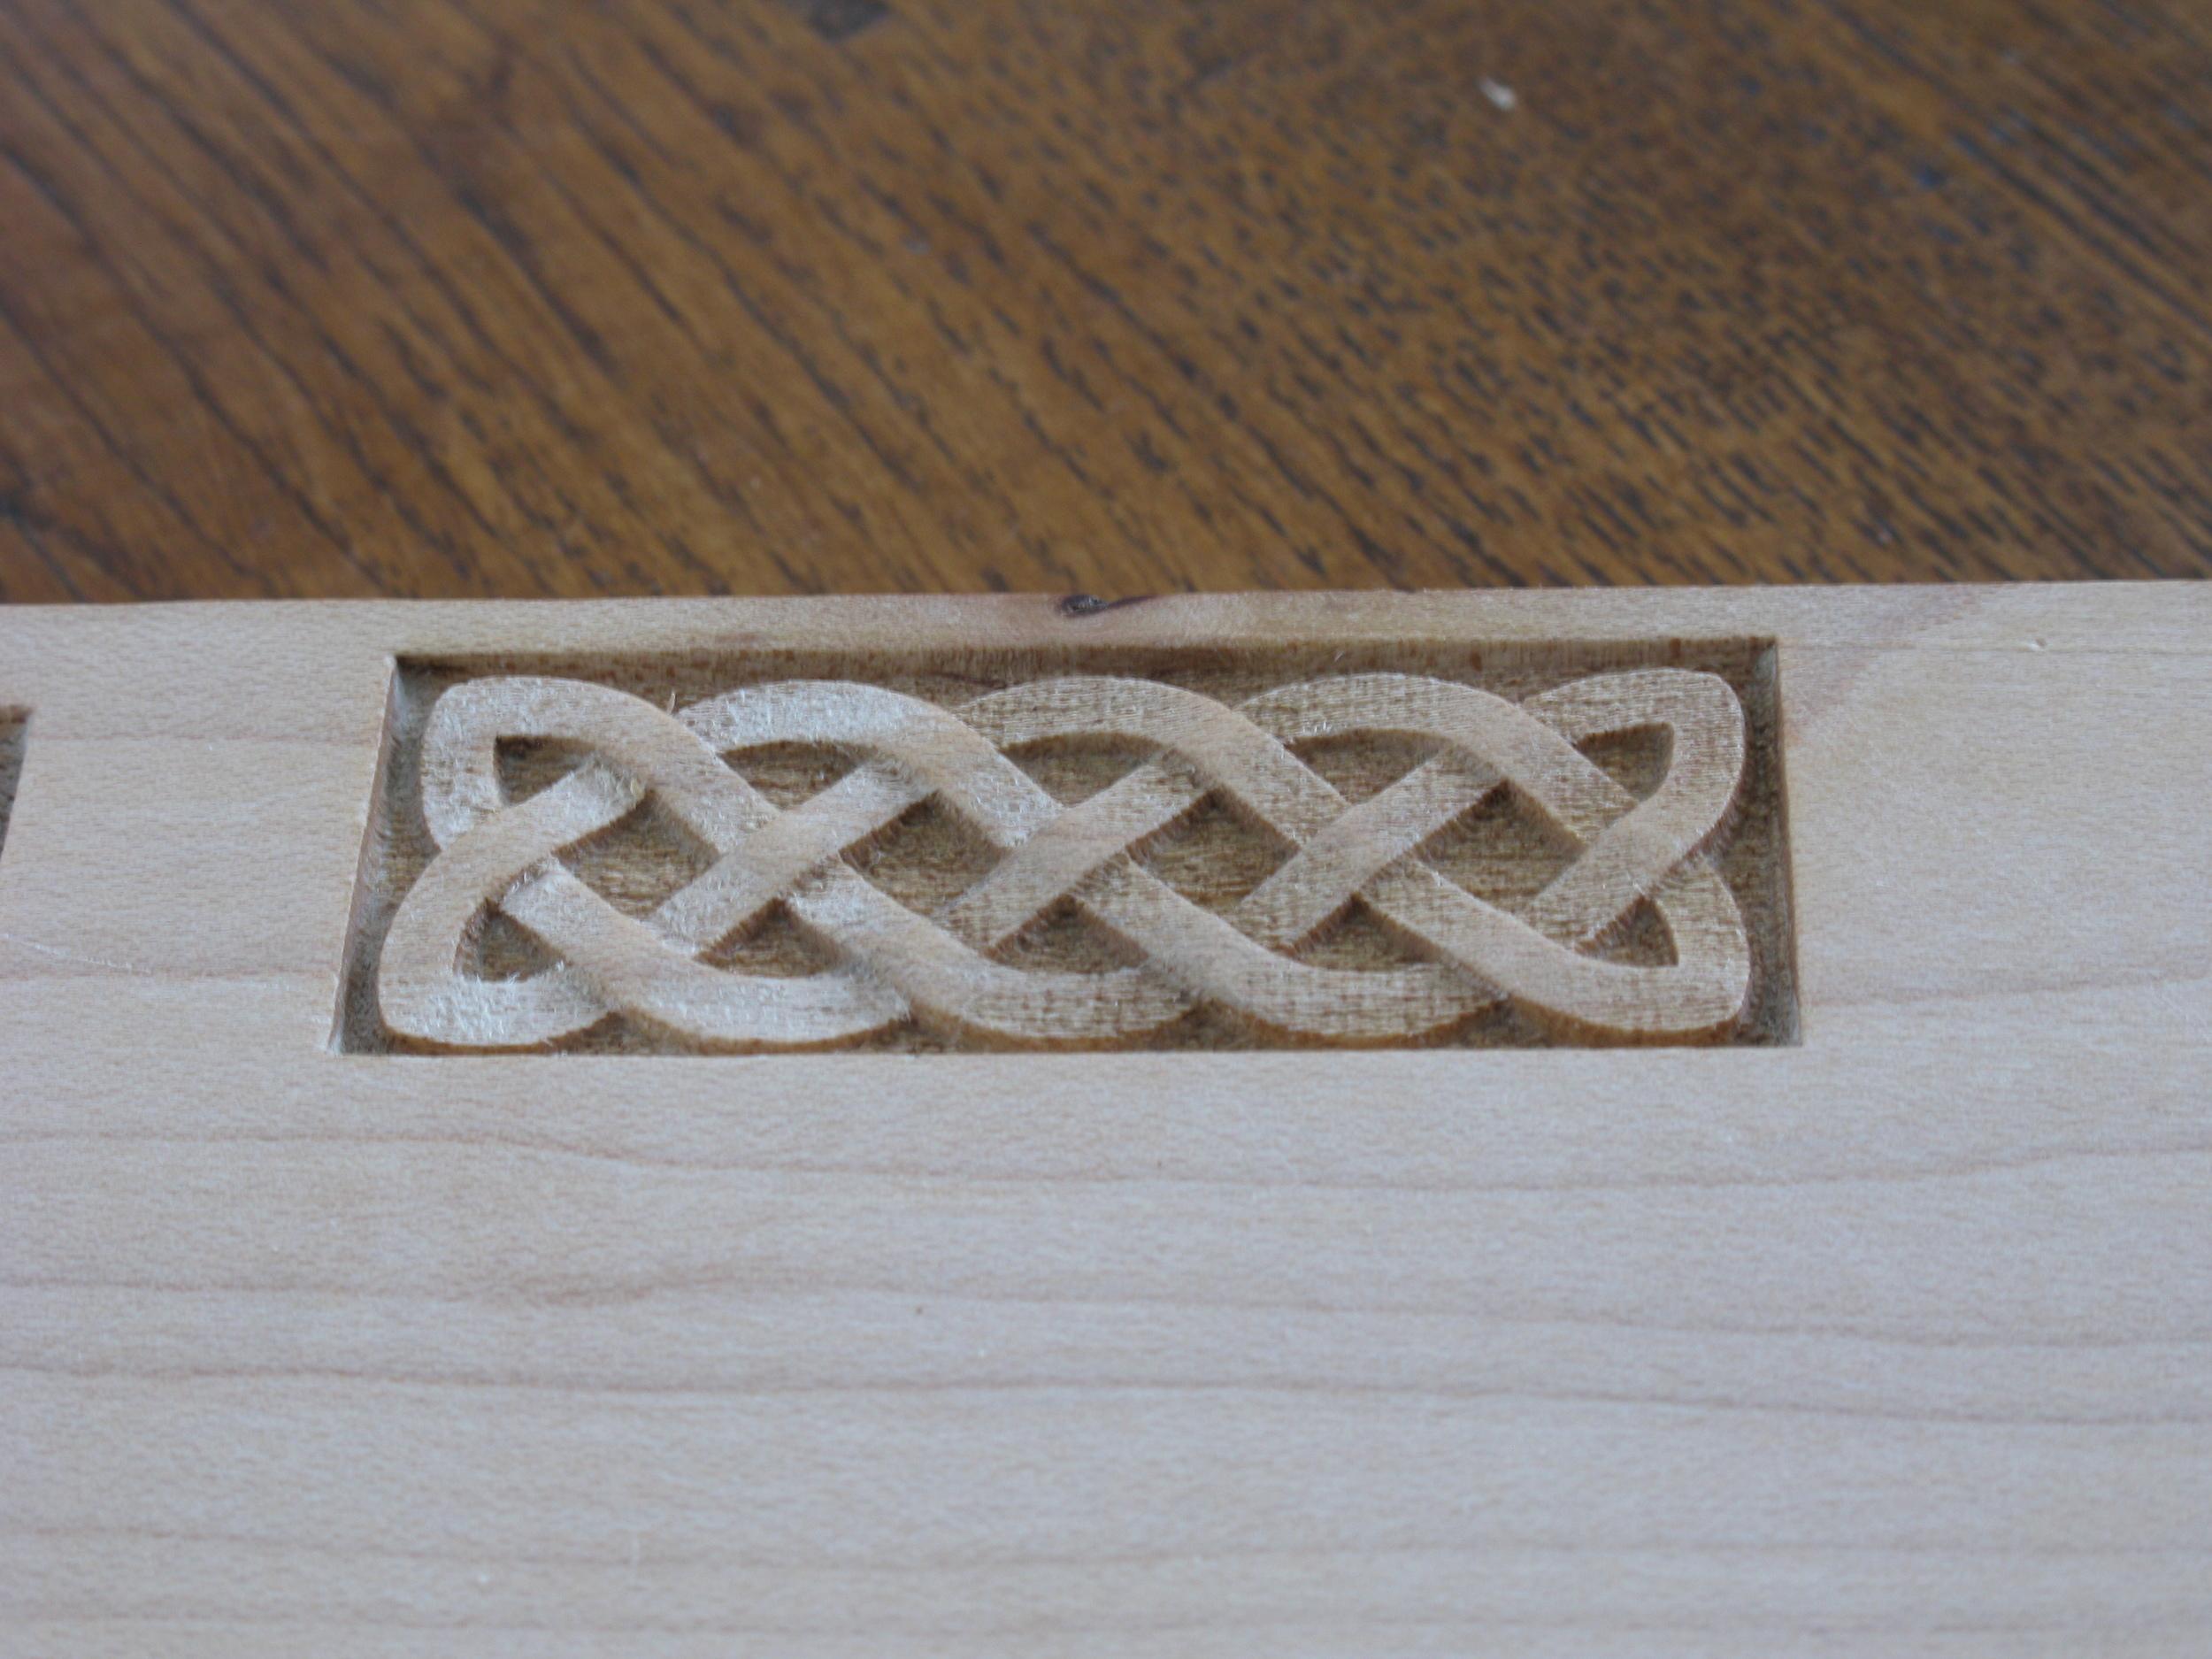 3D Laser Carving